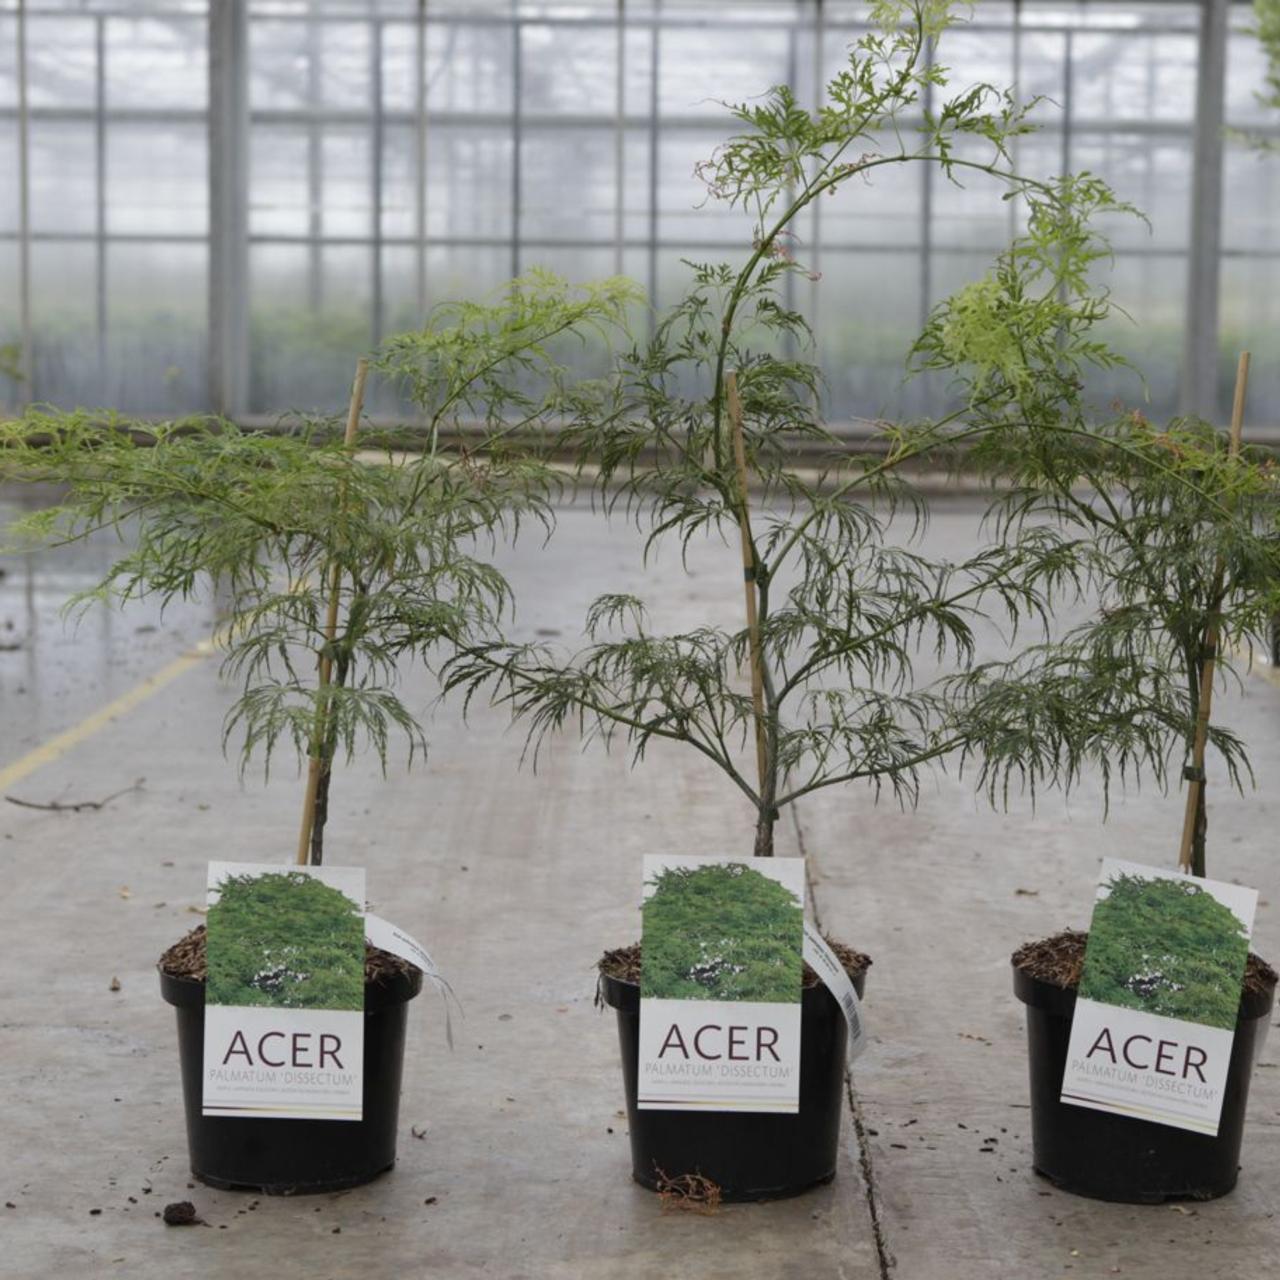 Acer palmatum 'Dissectum' plant